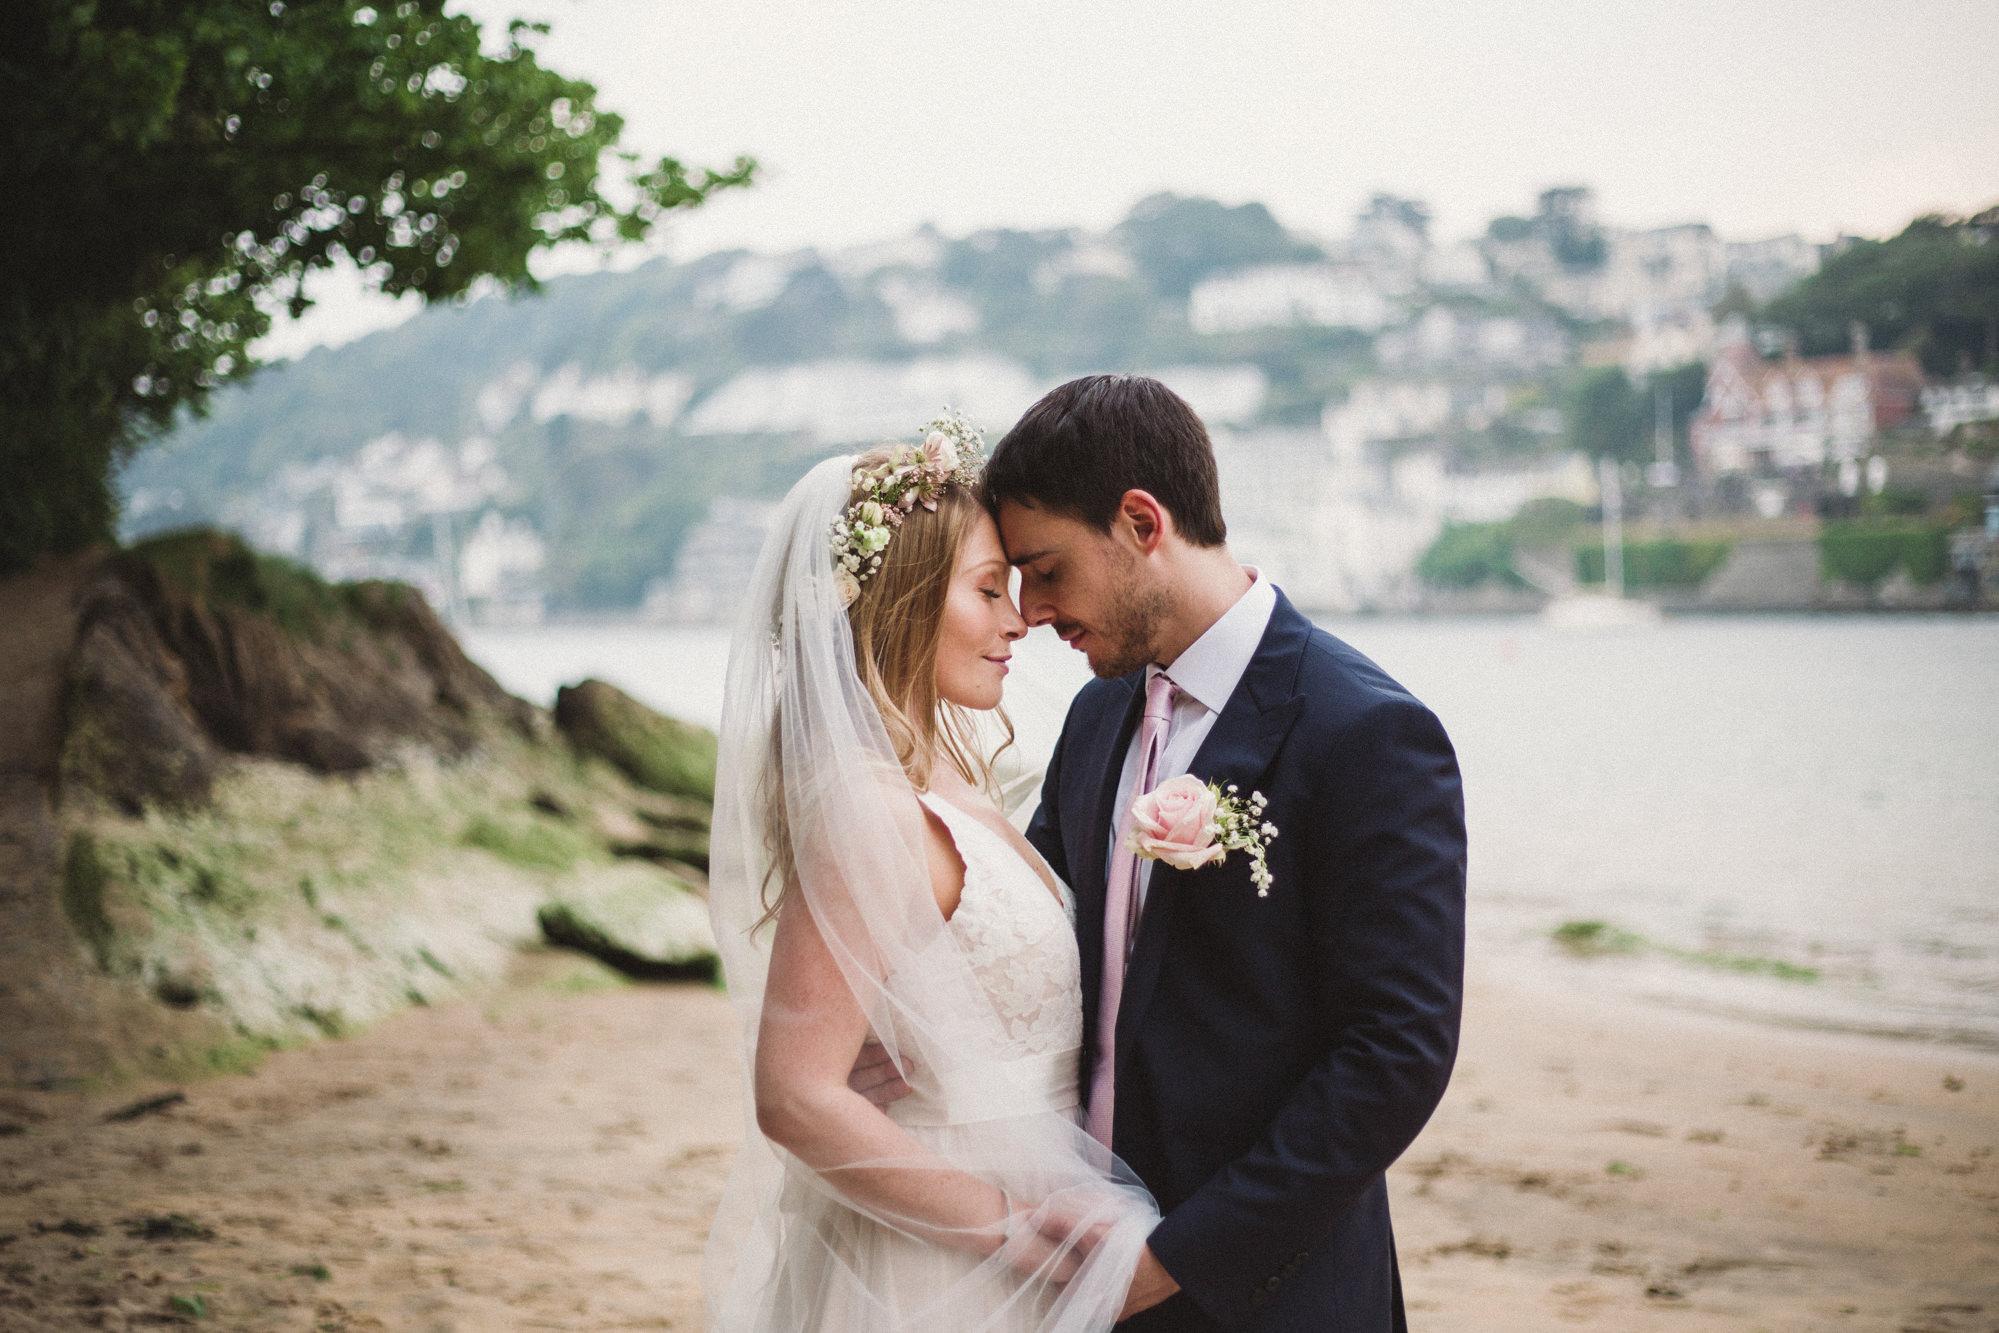 Natalie & Sam Devon Wedding Photography